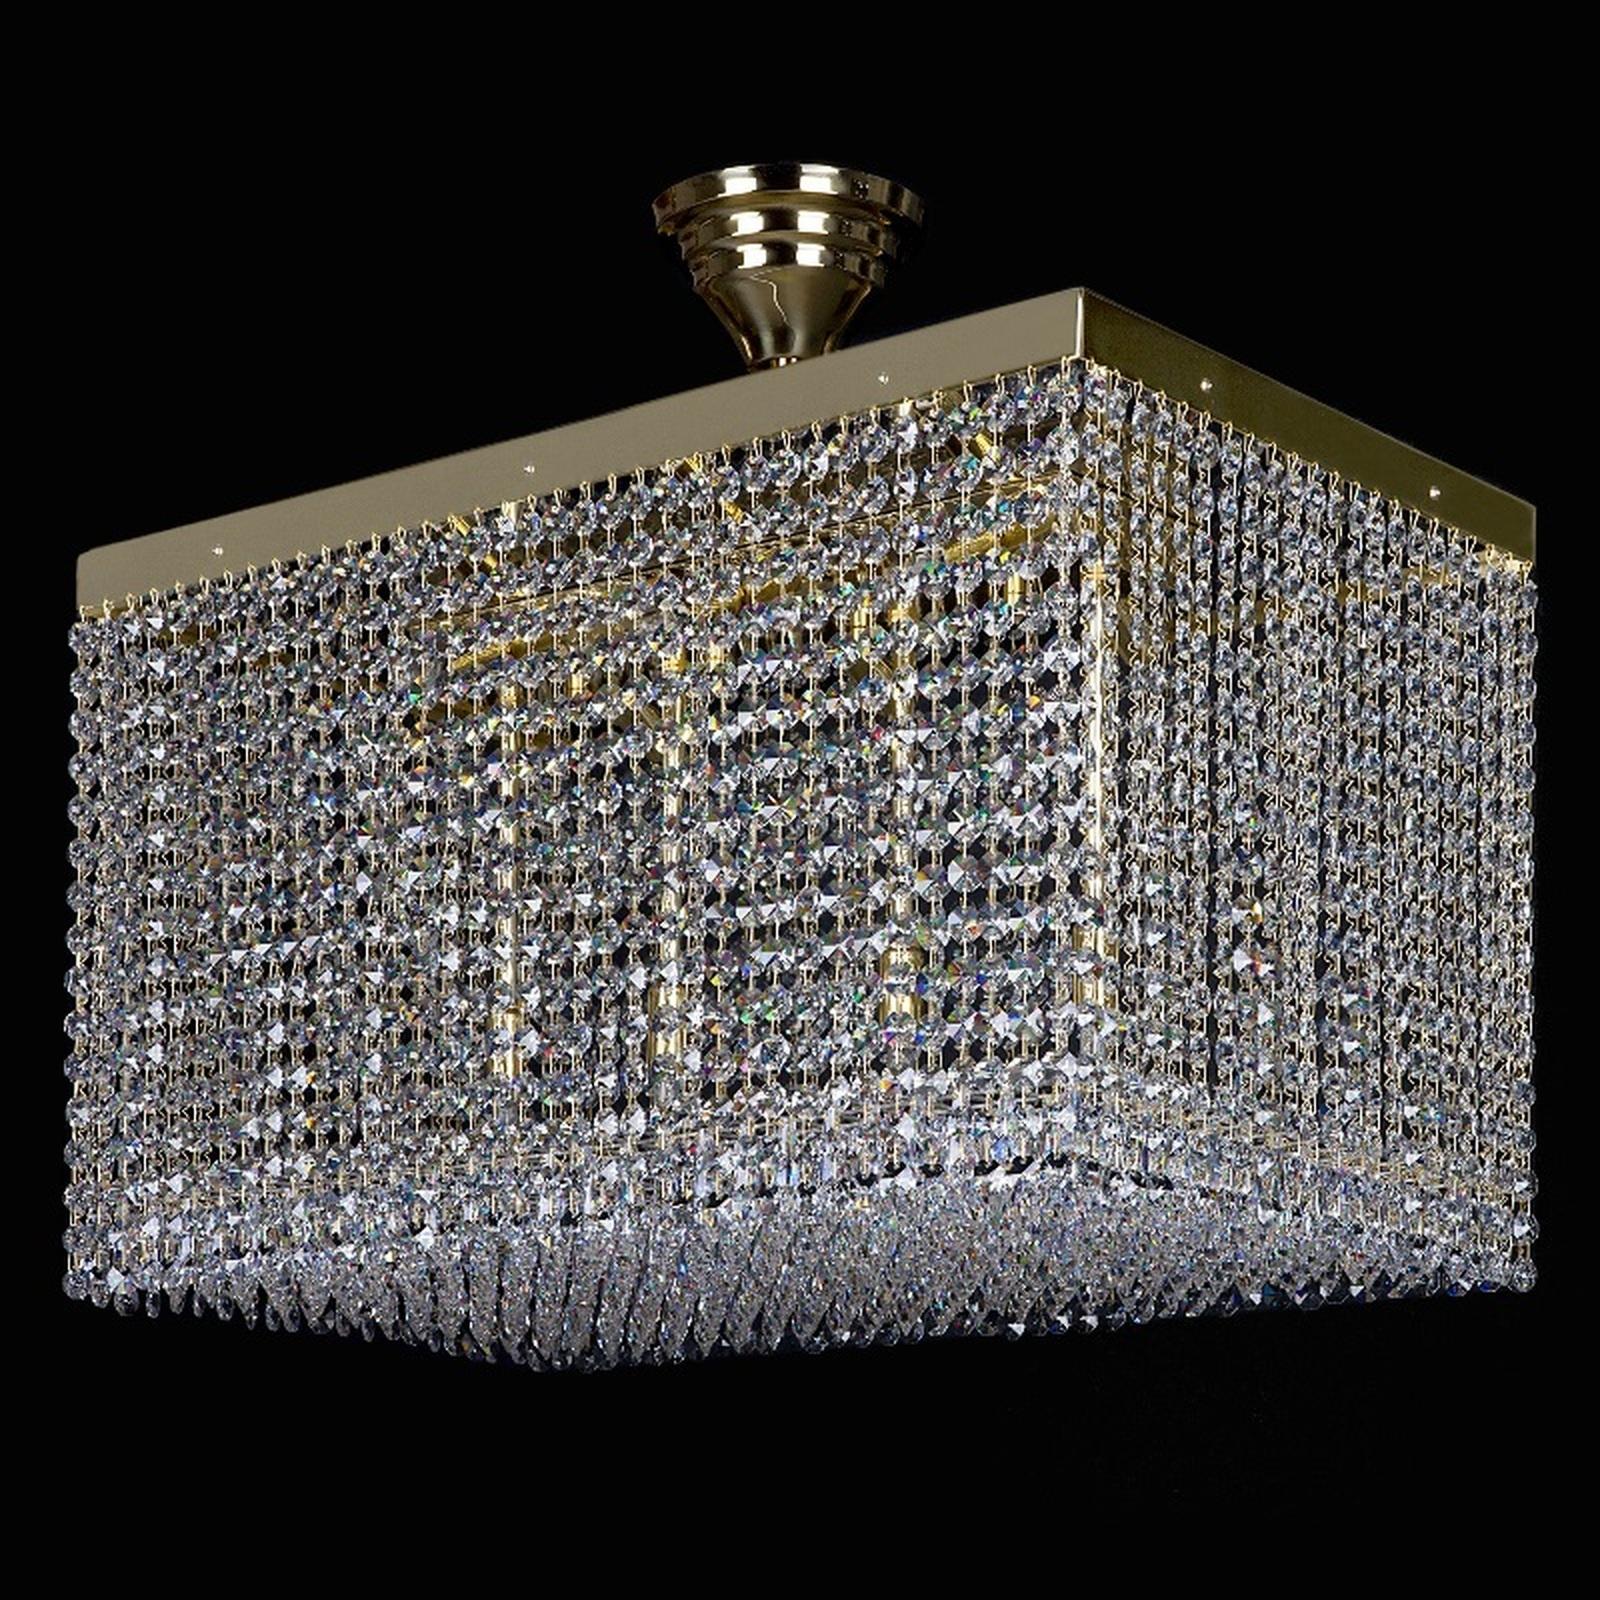 Đèn trần LEANDRA 350x600 CE